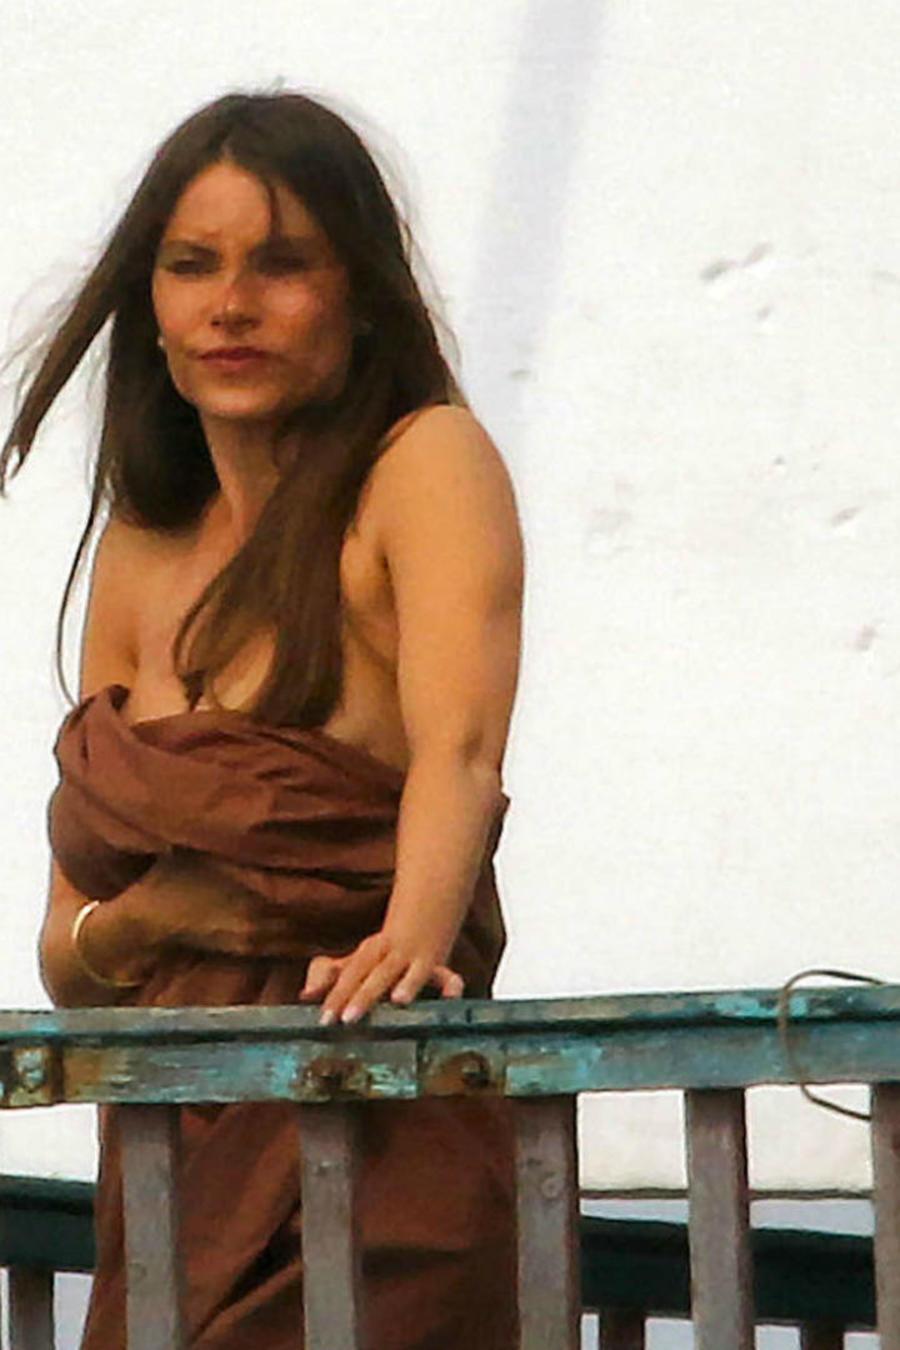 Sofía Vergara cubierta solo con una sábana en el balcón